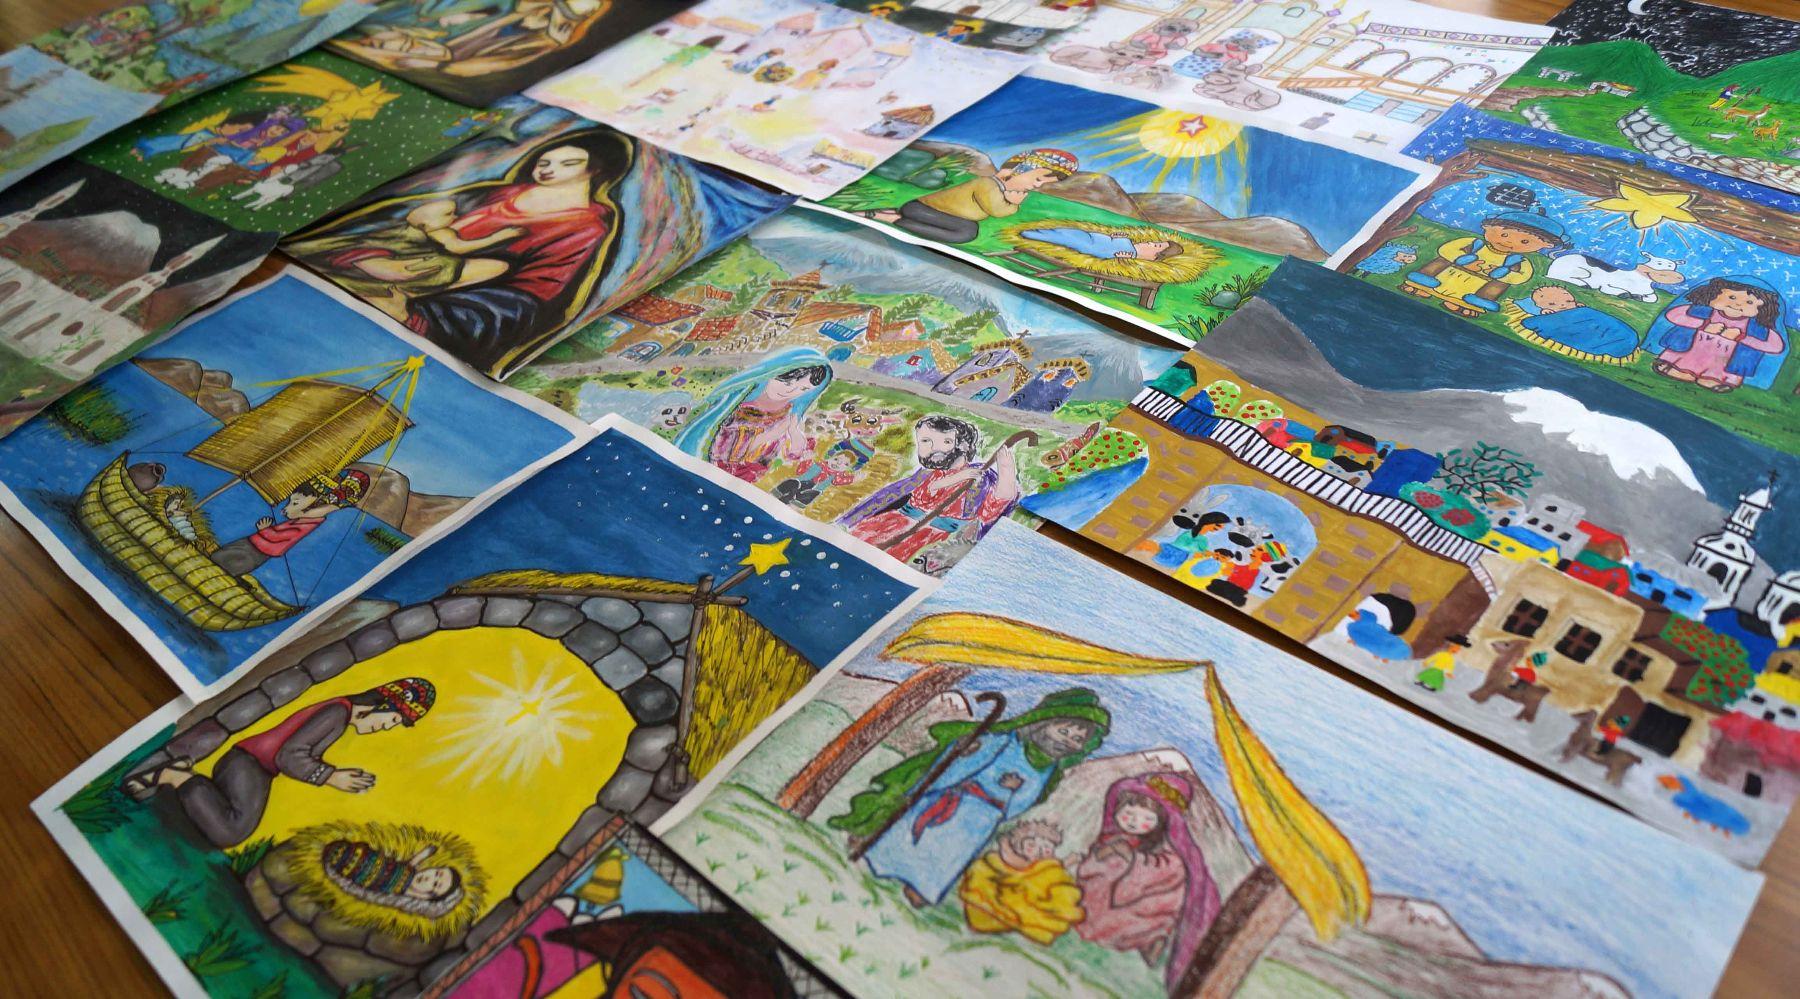 Inabif pone a la venta tarjetas navide as con dibujos - Tarjetas de navidad hechas por ninos ...